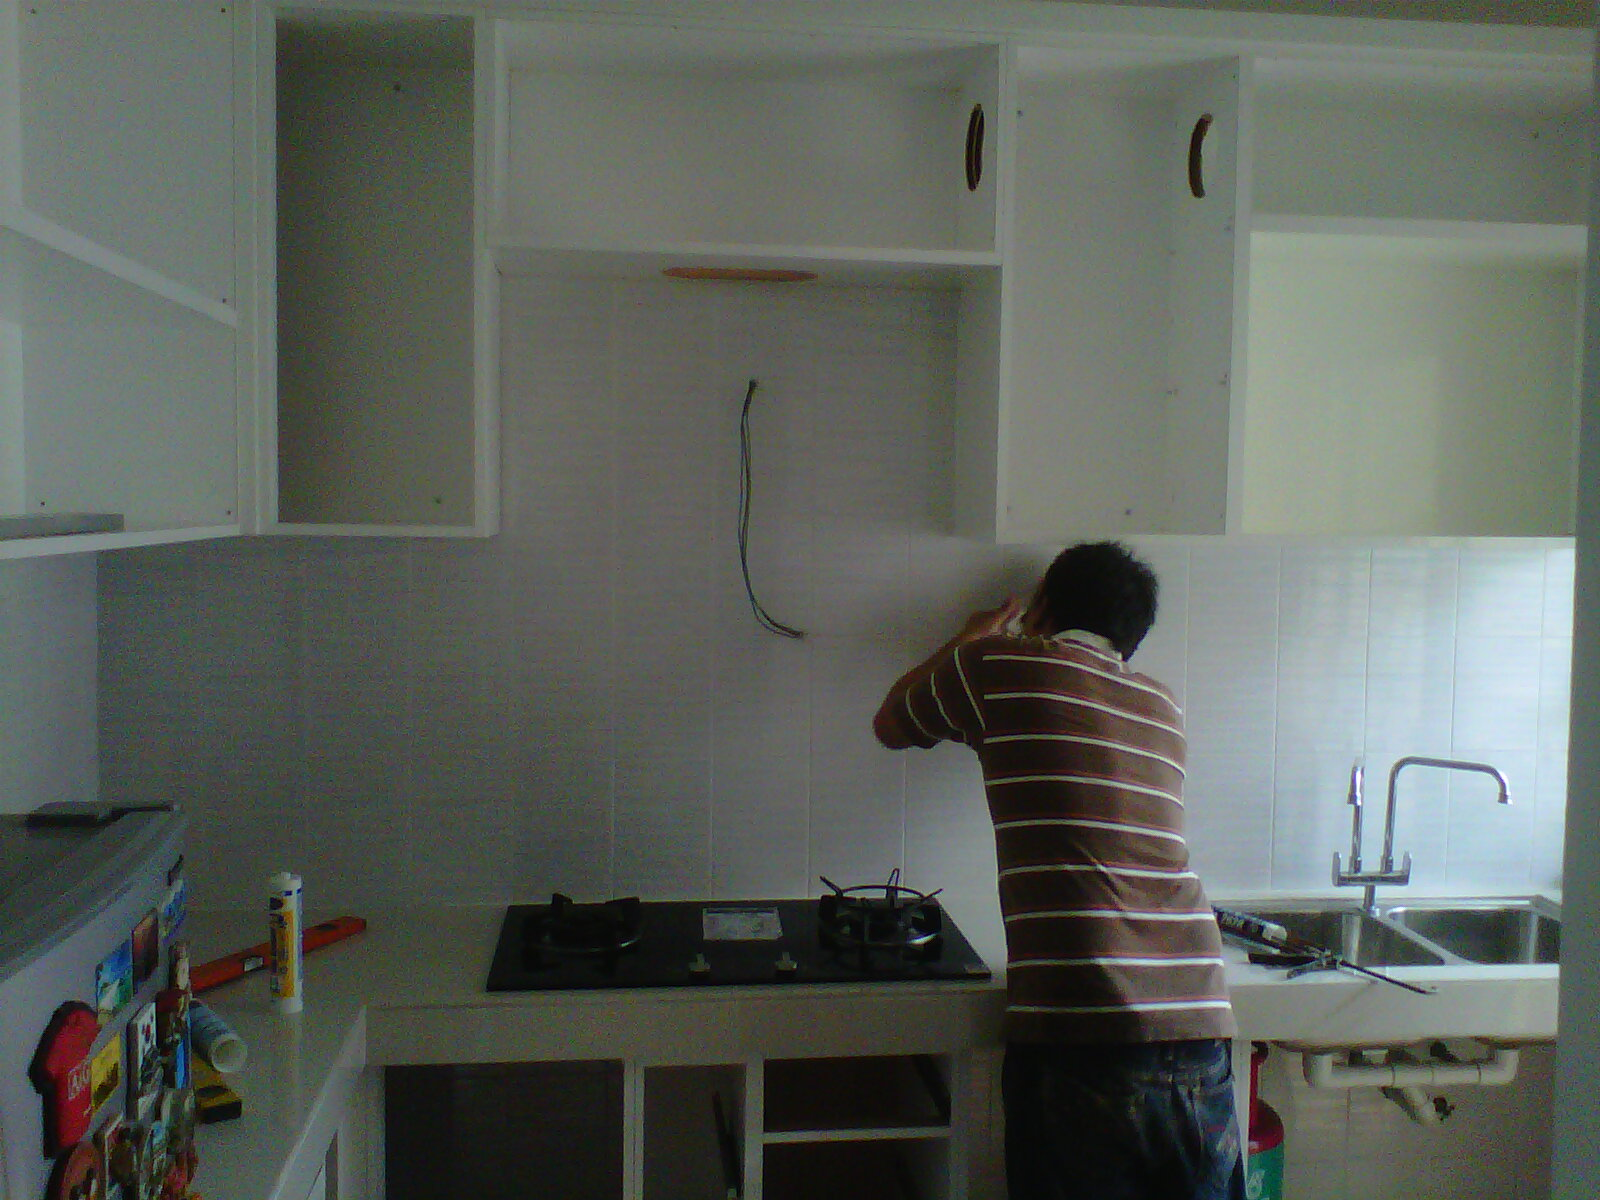 Susah Nak Amik Gamba Full Sebab Dapur Saye Kecik So Memang Kne Snap Separuh2 Yang Wayar Berjuntai Tuh Belum Pasang Hood